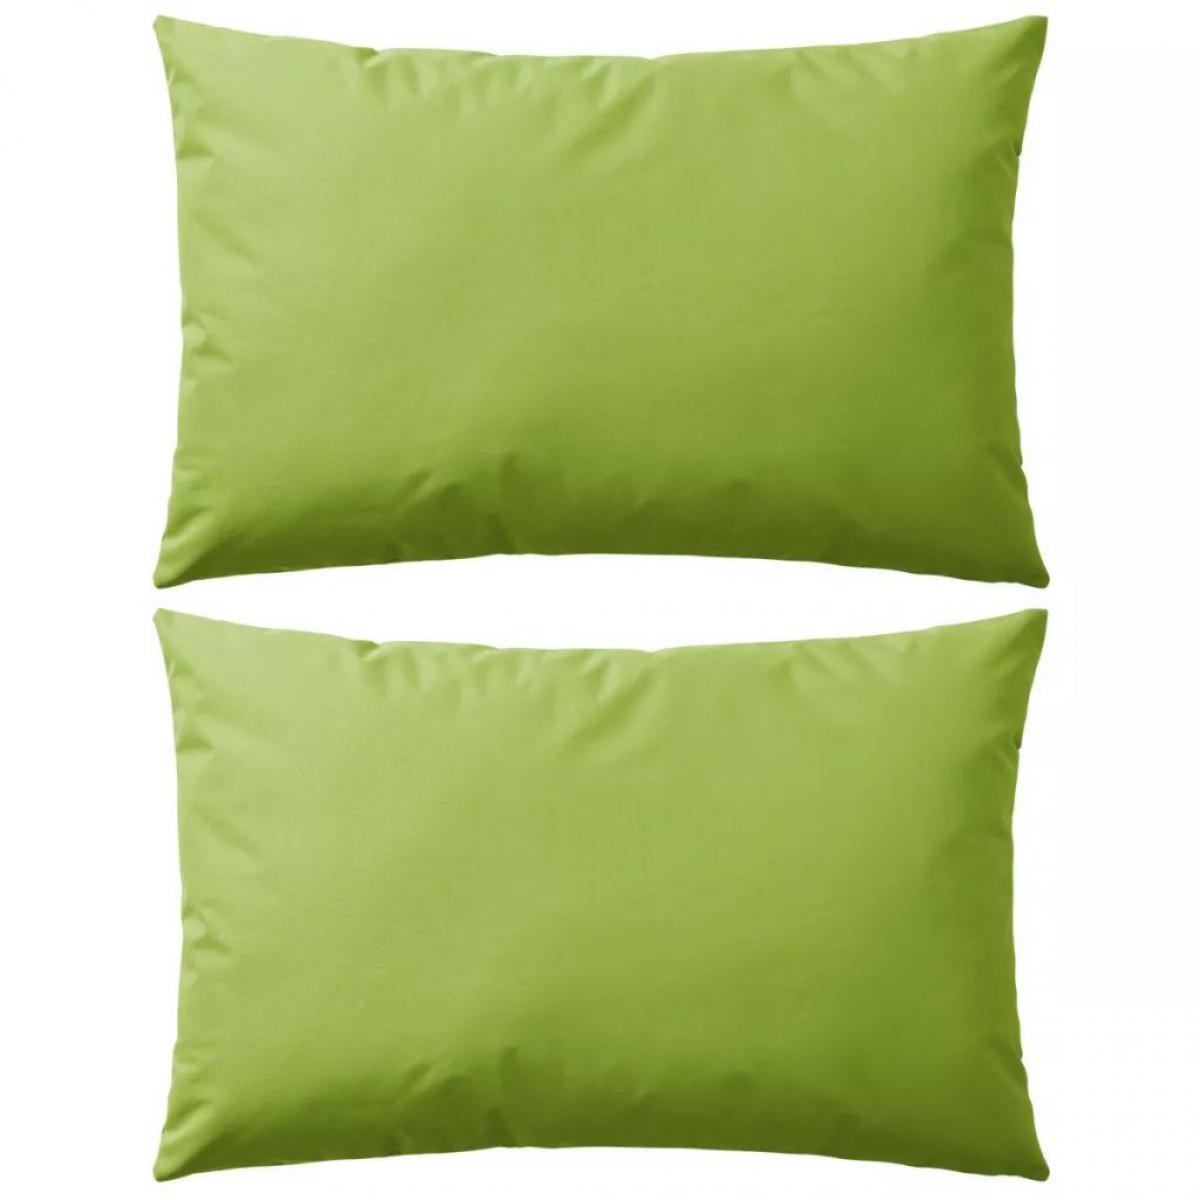 Decoshop26 Lot de 2 coussins oreiller pour extérieur décoration jardin 60 x 40 cm vert pomme DEC020092